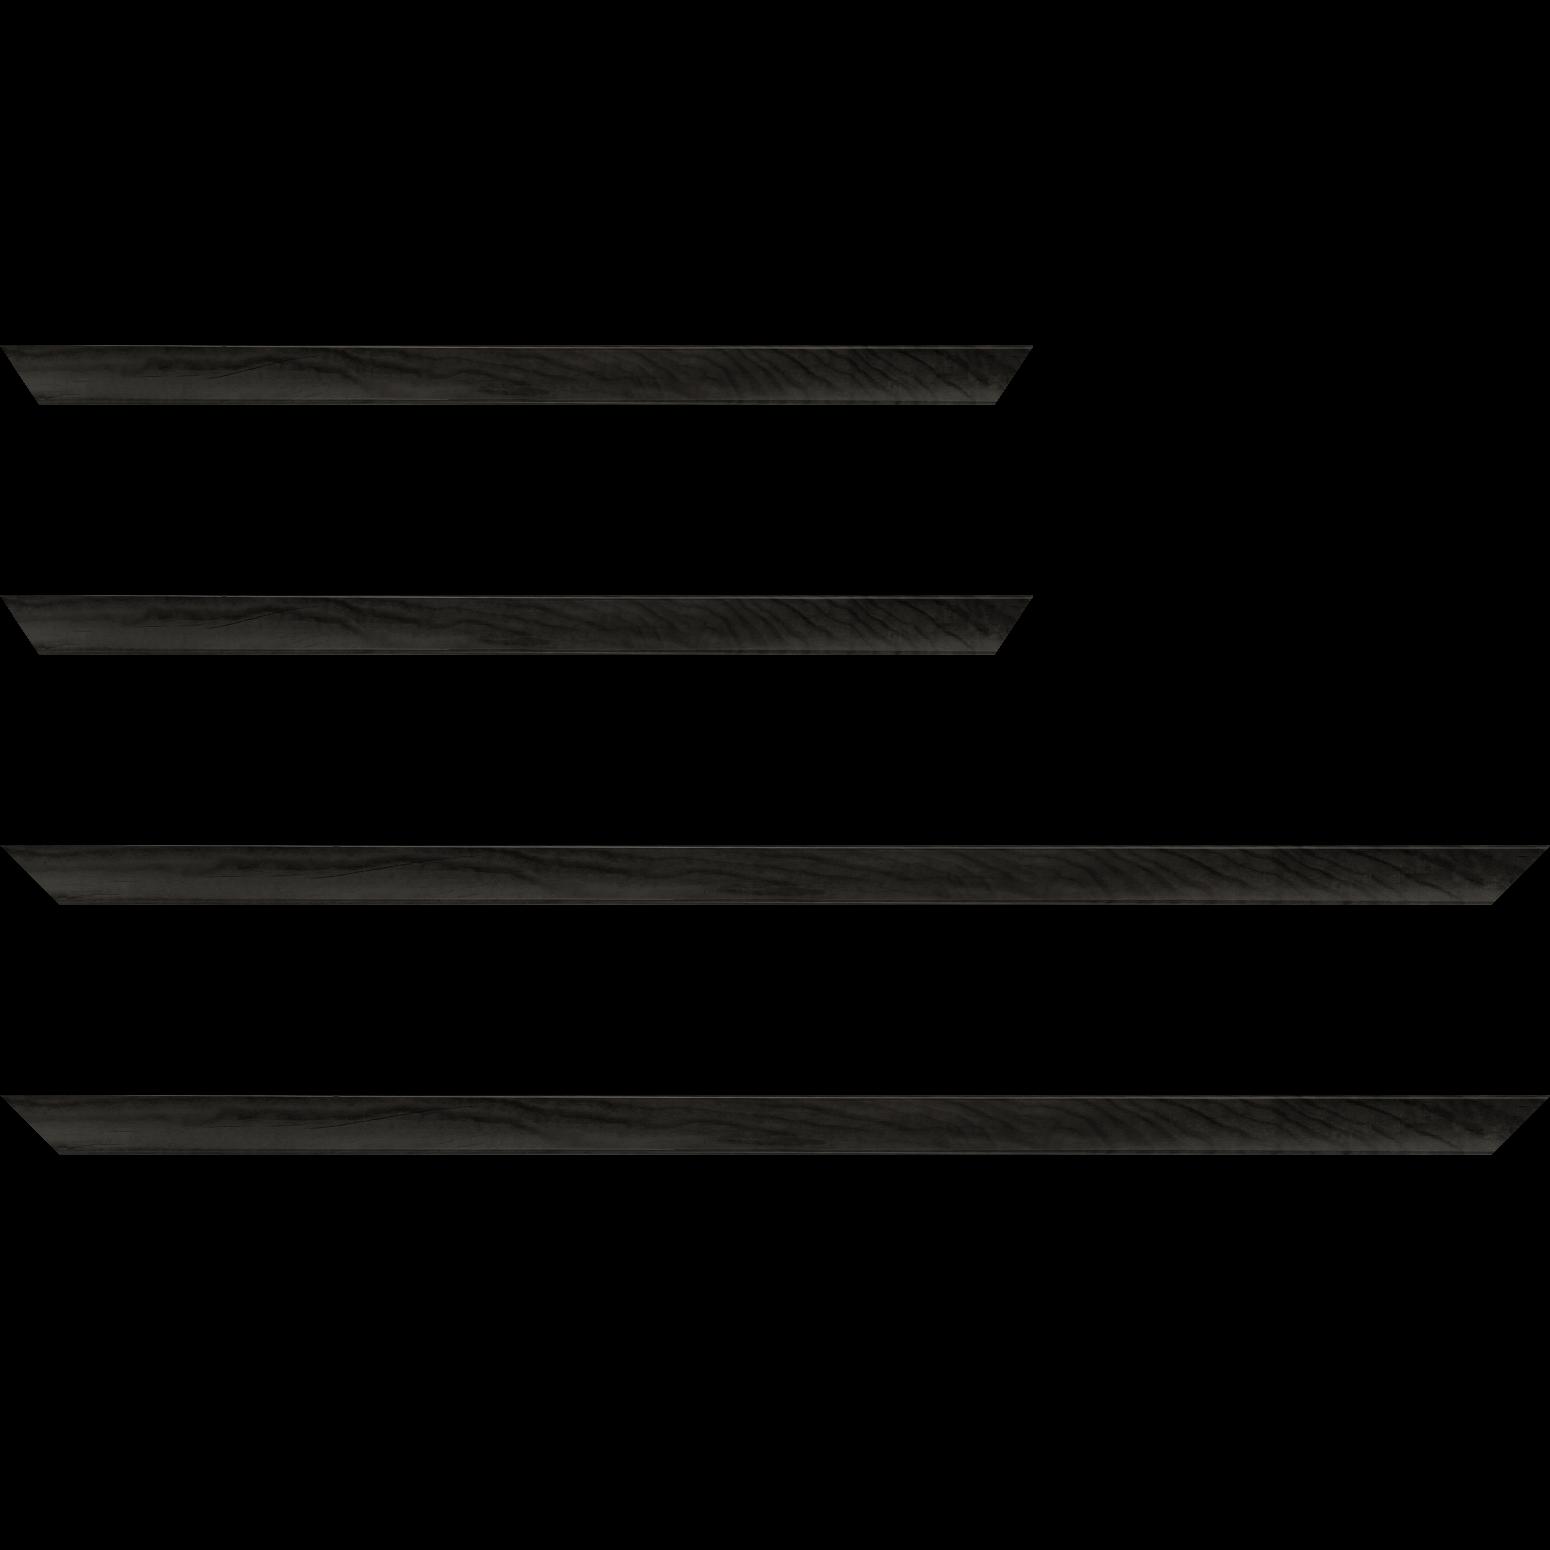 Baguette service précoupé Bois profil arrondi plongeant largeur 2cm couleur gris foncé vernis sur pin (veine du bois apparent)